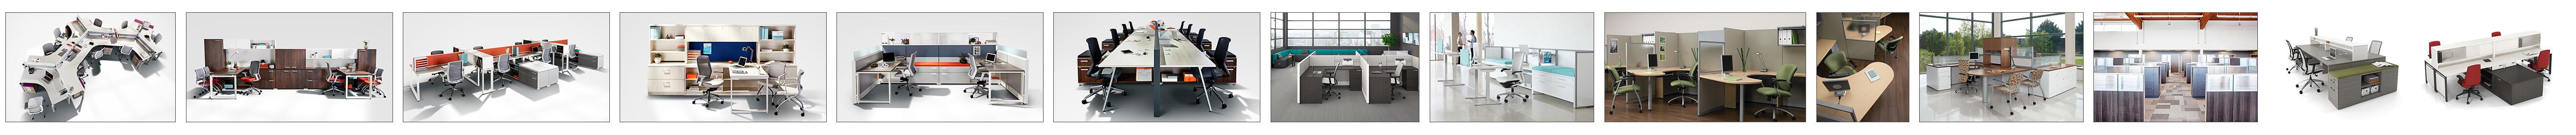 Postes de travail & mobilierde bureaux, produits